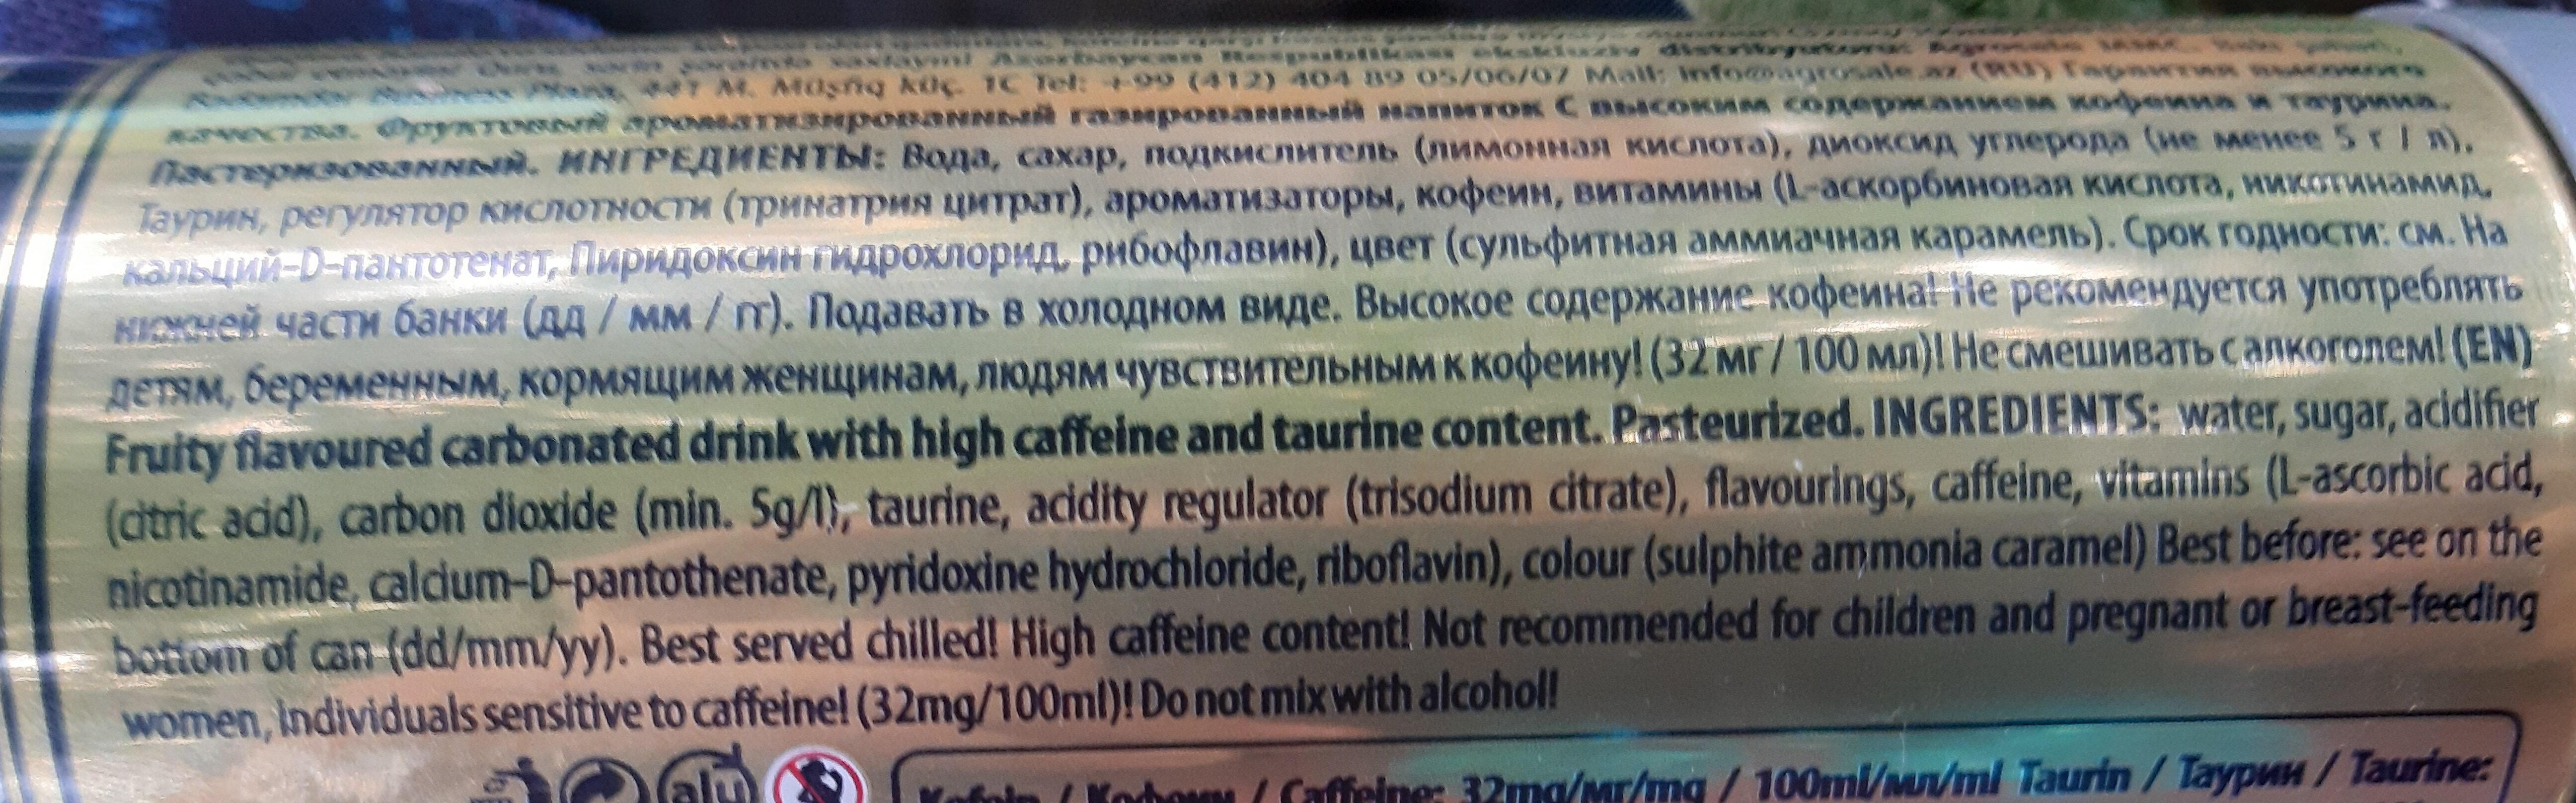 Energy drink 9mm - Ingredienti - en